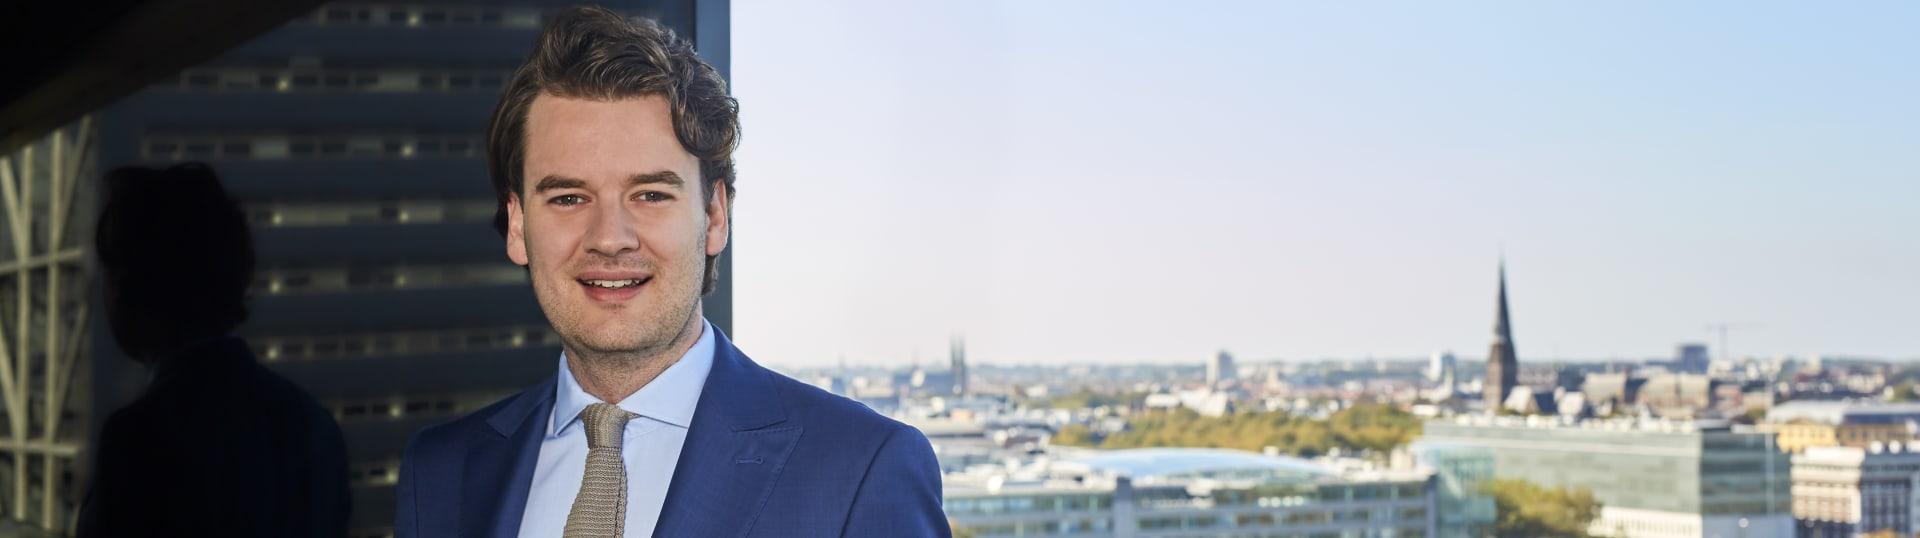 Reint Baas, advocaat Pels Rijcken